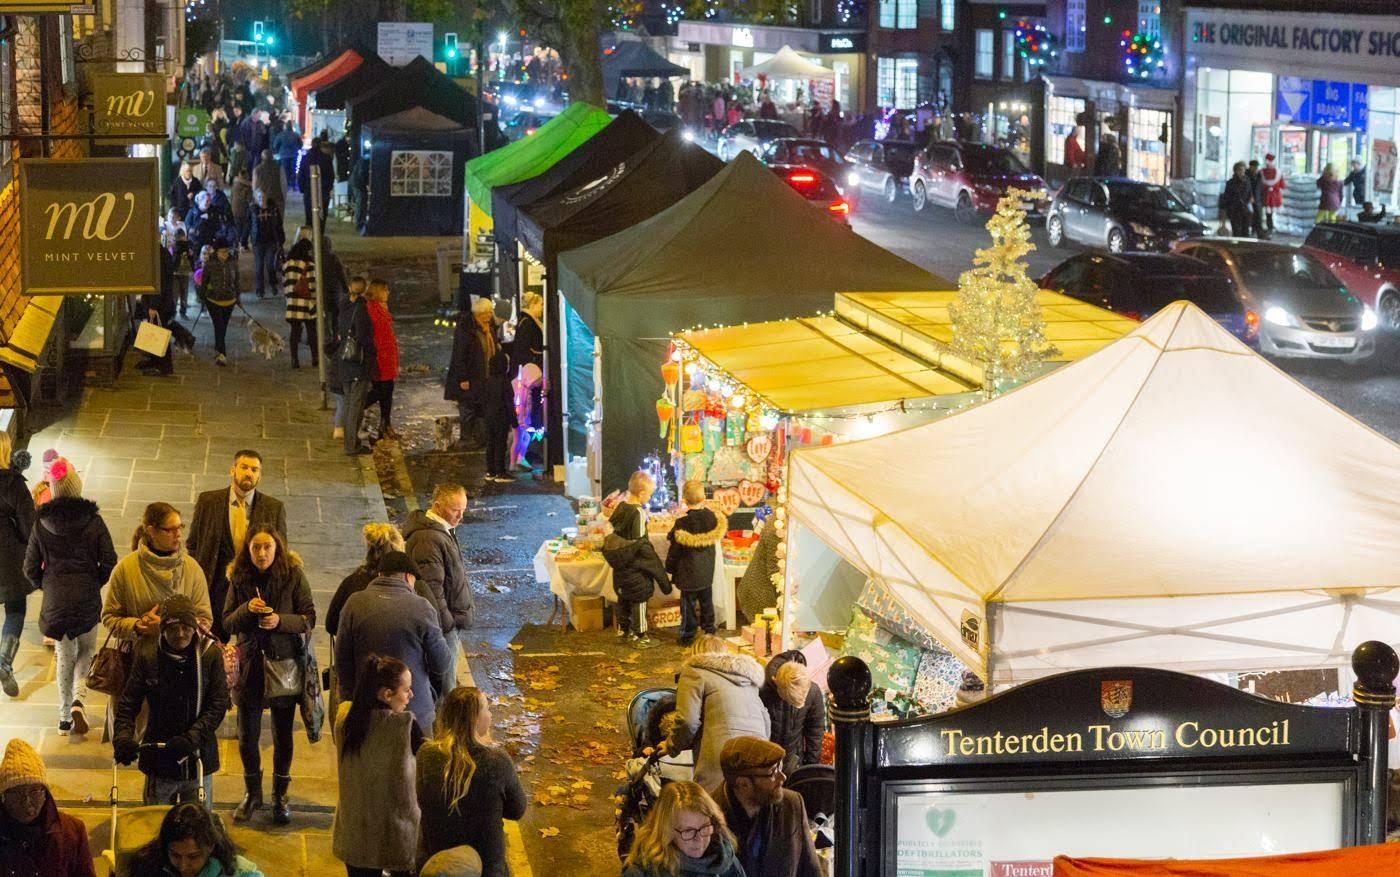 Tenterden Christmas Market Photos